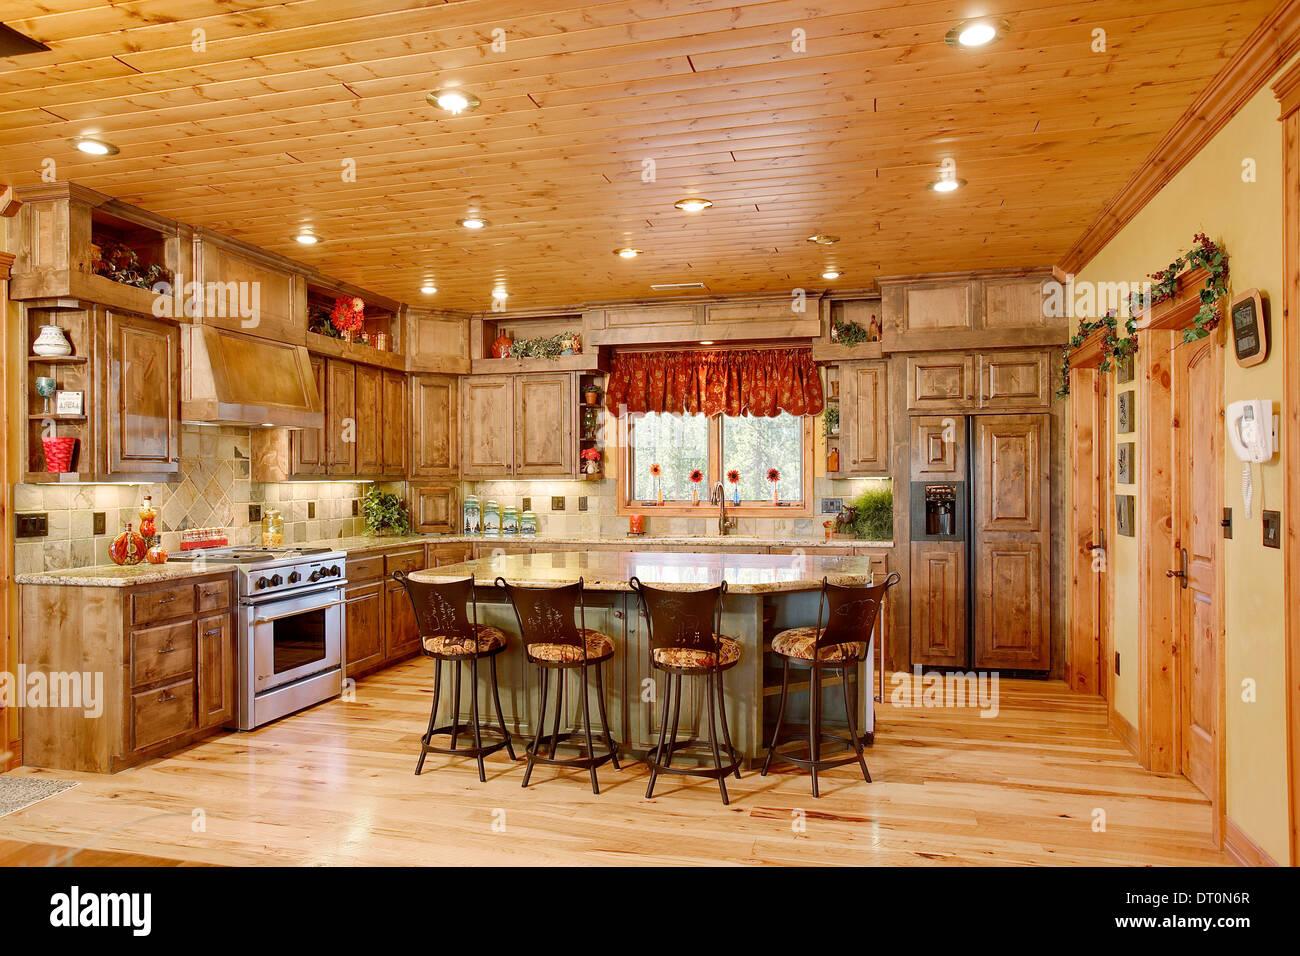 Die Küche in einem modernen Blockhaus Stockfoto, Bild: 66399503 - Alamy